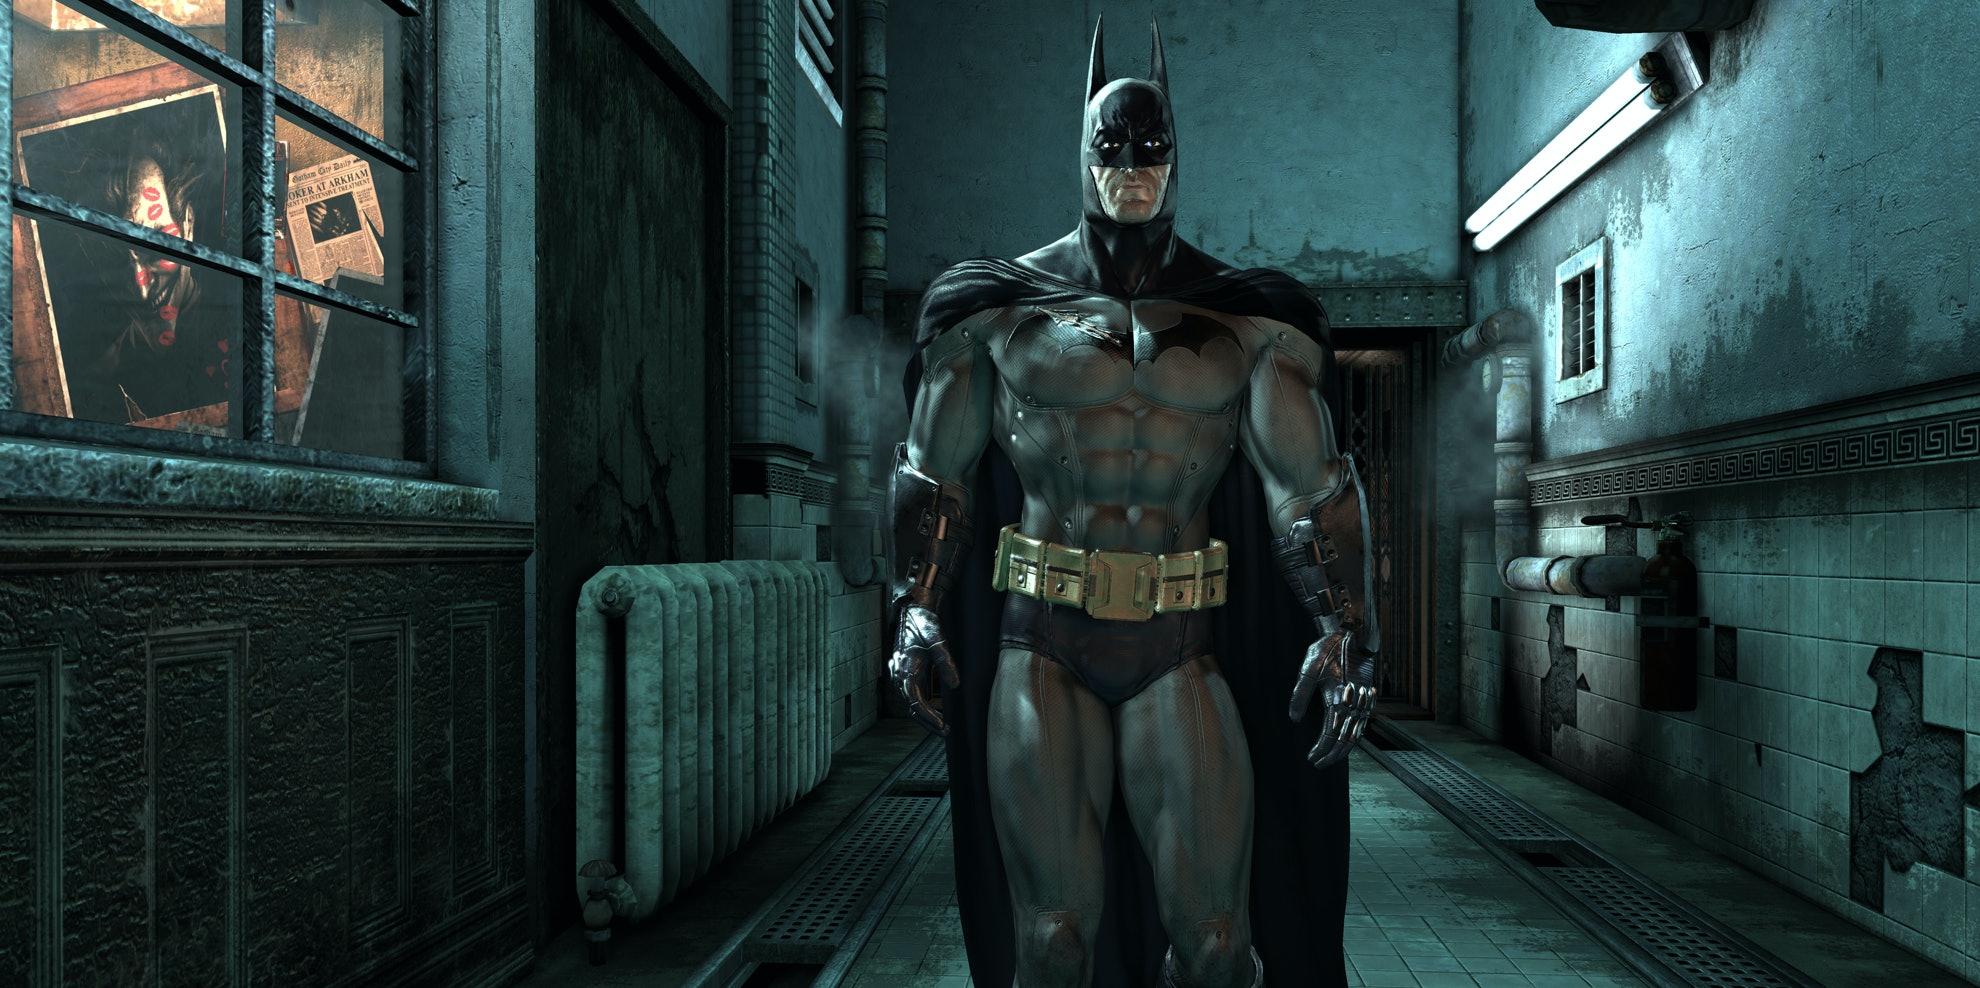 'Justice League' Could Tour Zack Snyder's Arkham Asylum